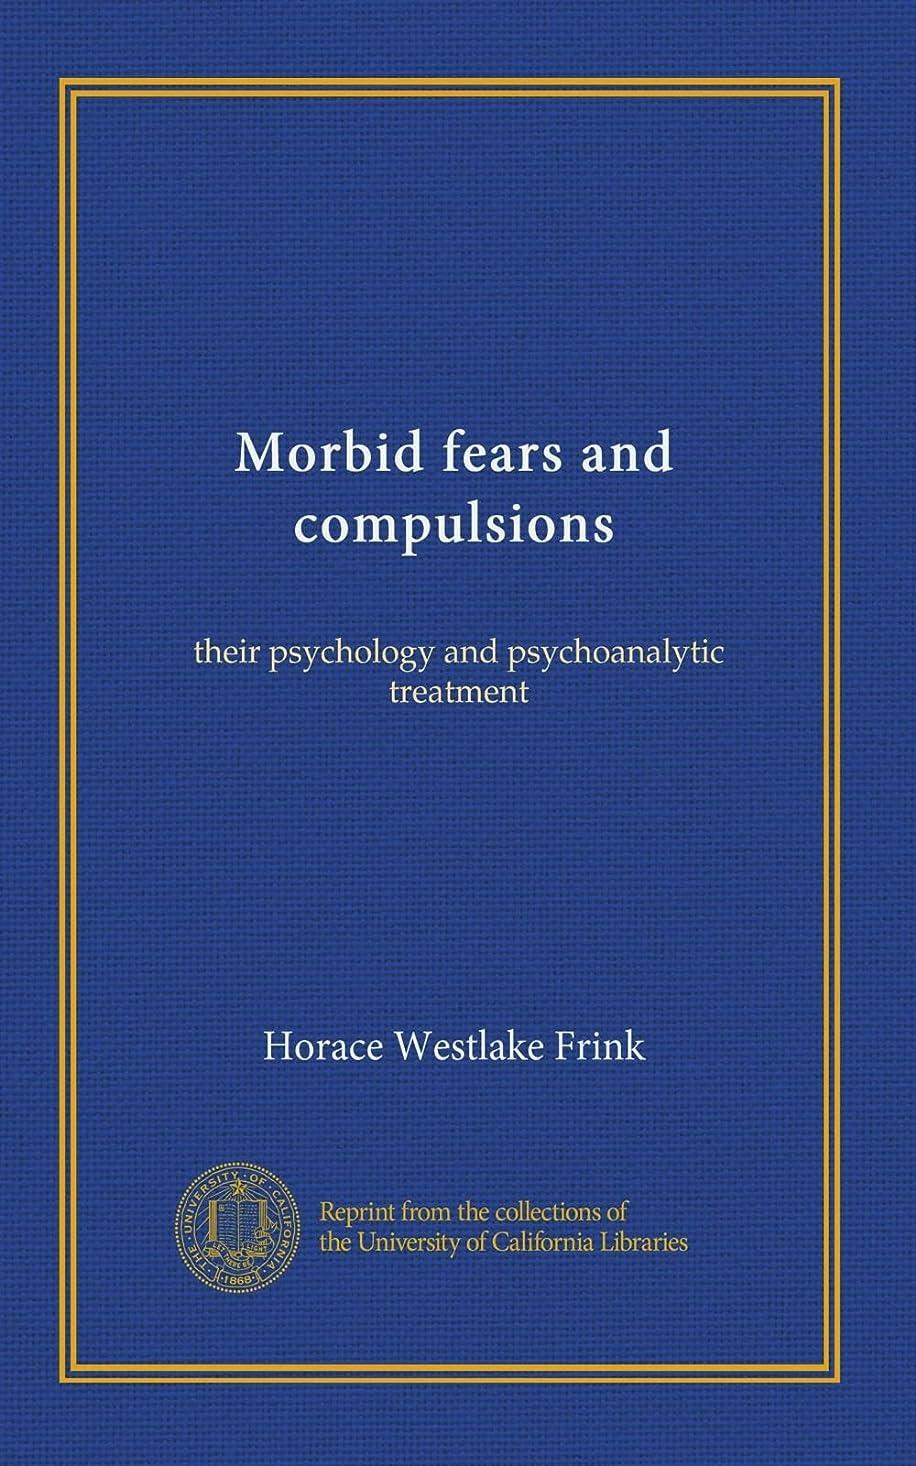 横たわる封筒醜いMorbid fears and compulsions: their psychology and psychoanalytic treatment